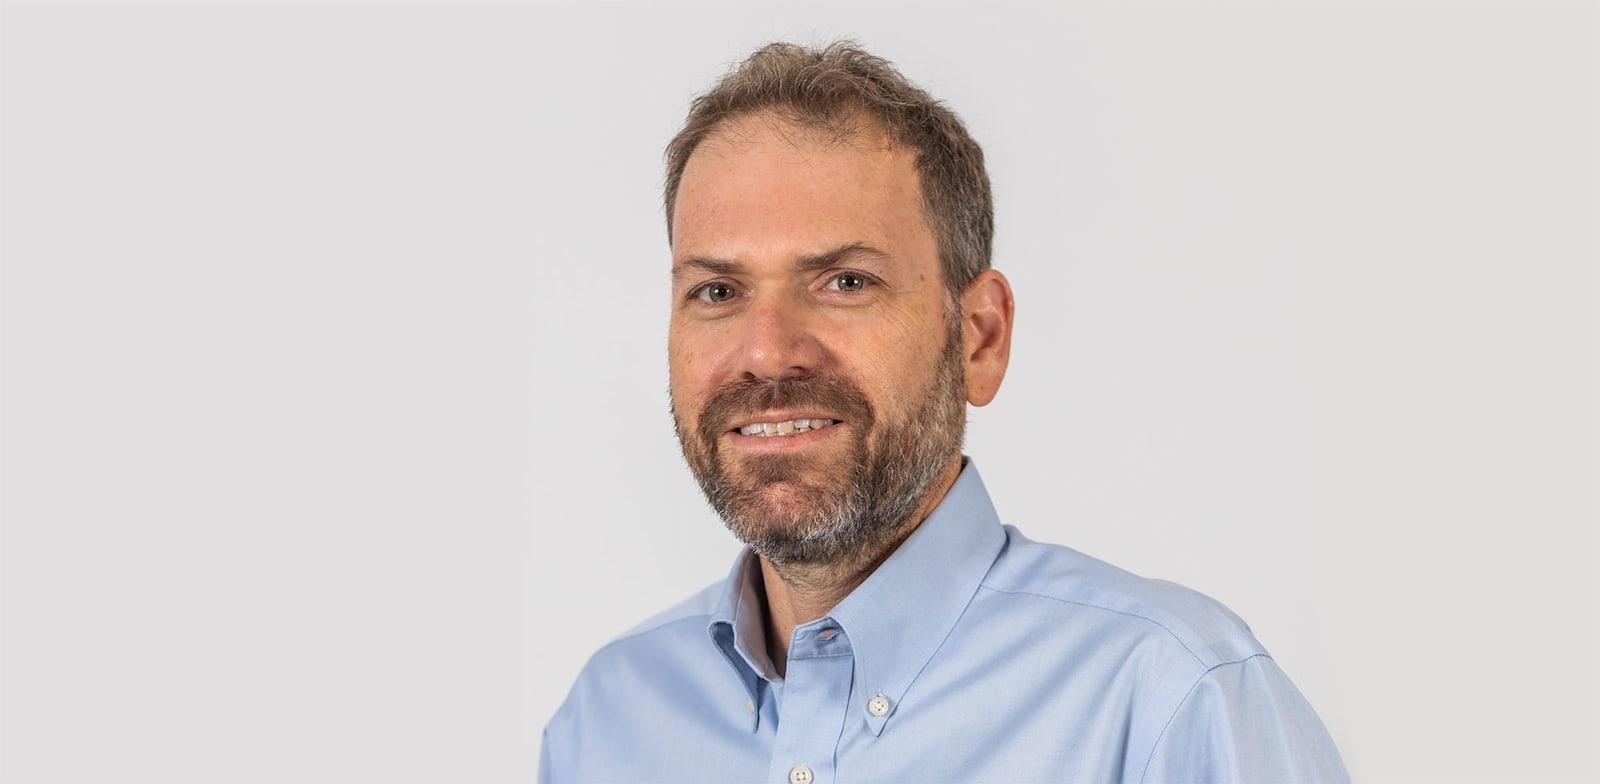 """שי פוליקר, מנכ""""ל החממה / צילום: אופיר גפקוביץ"""